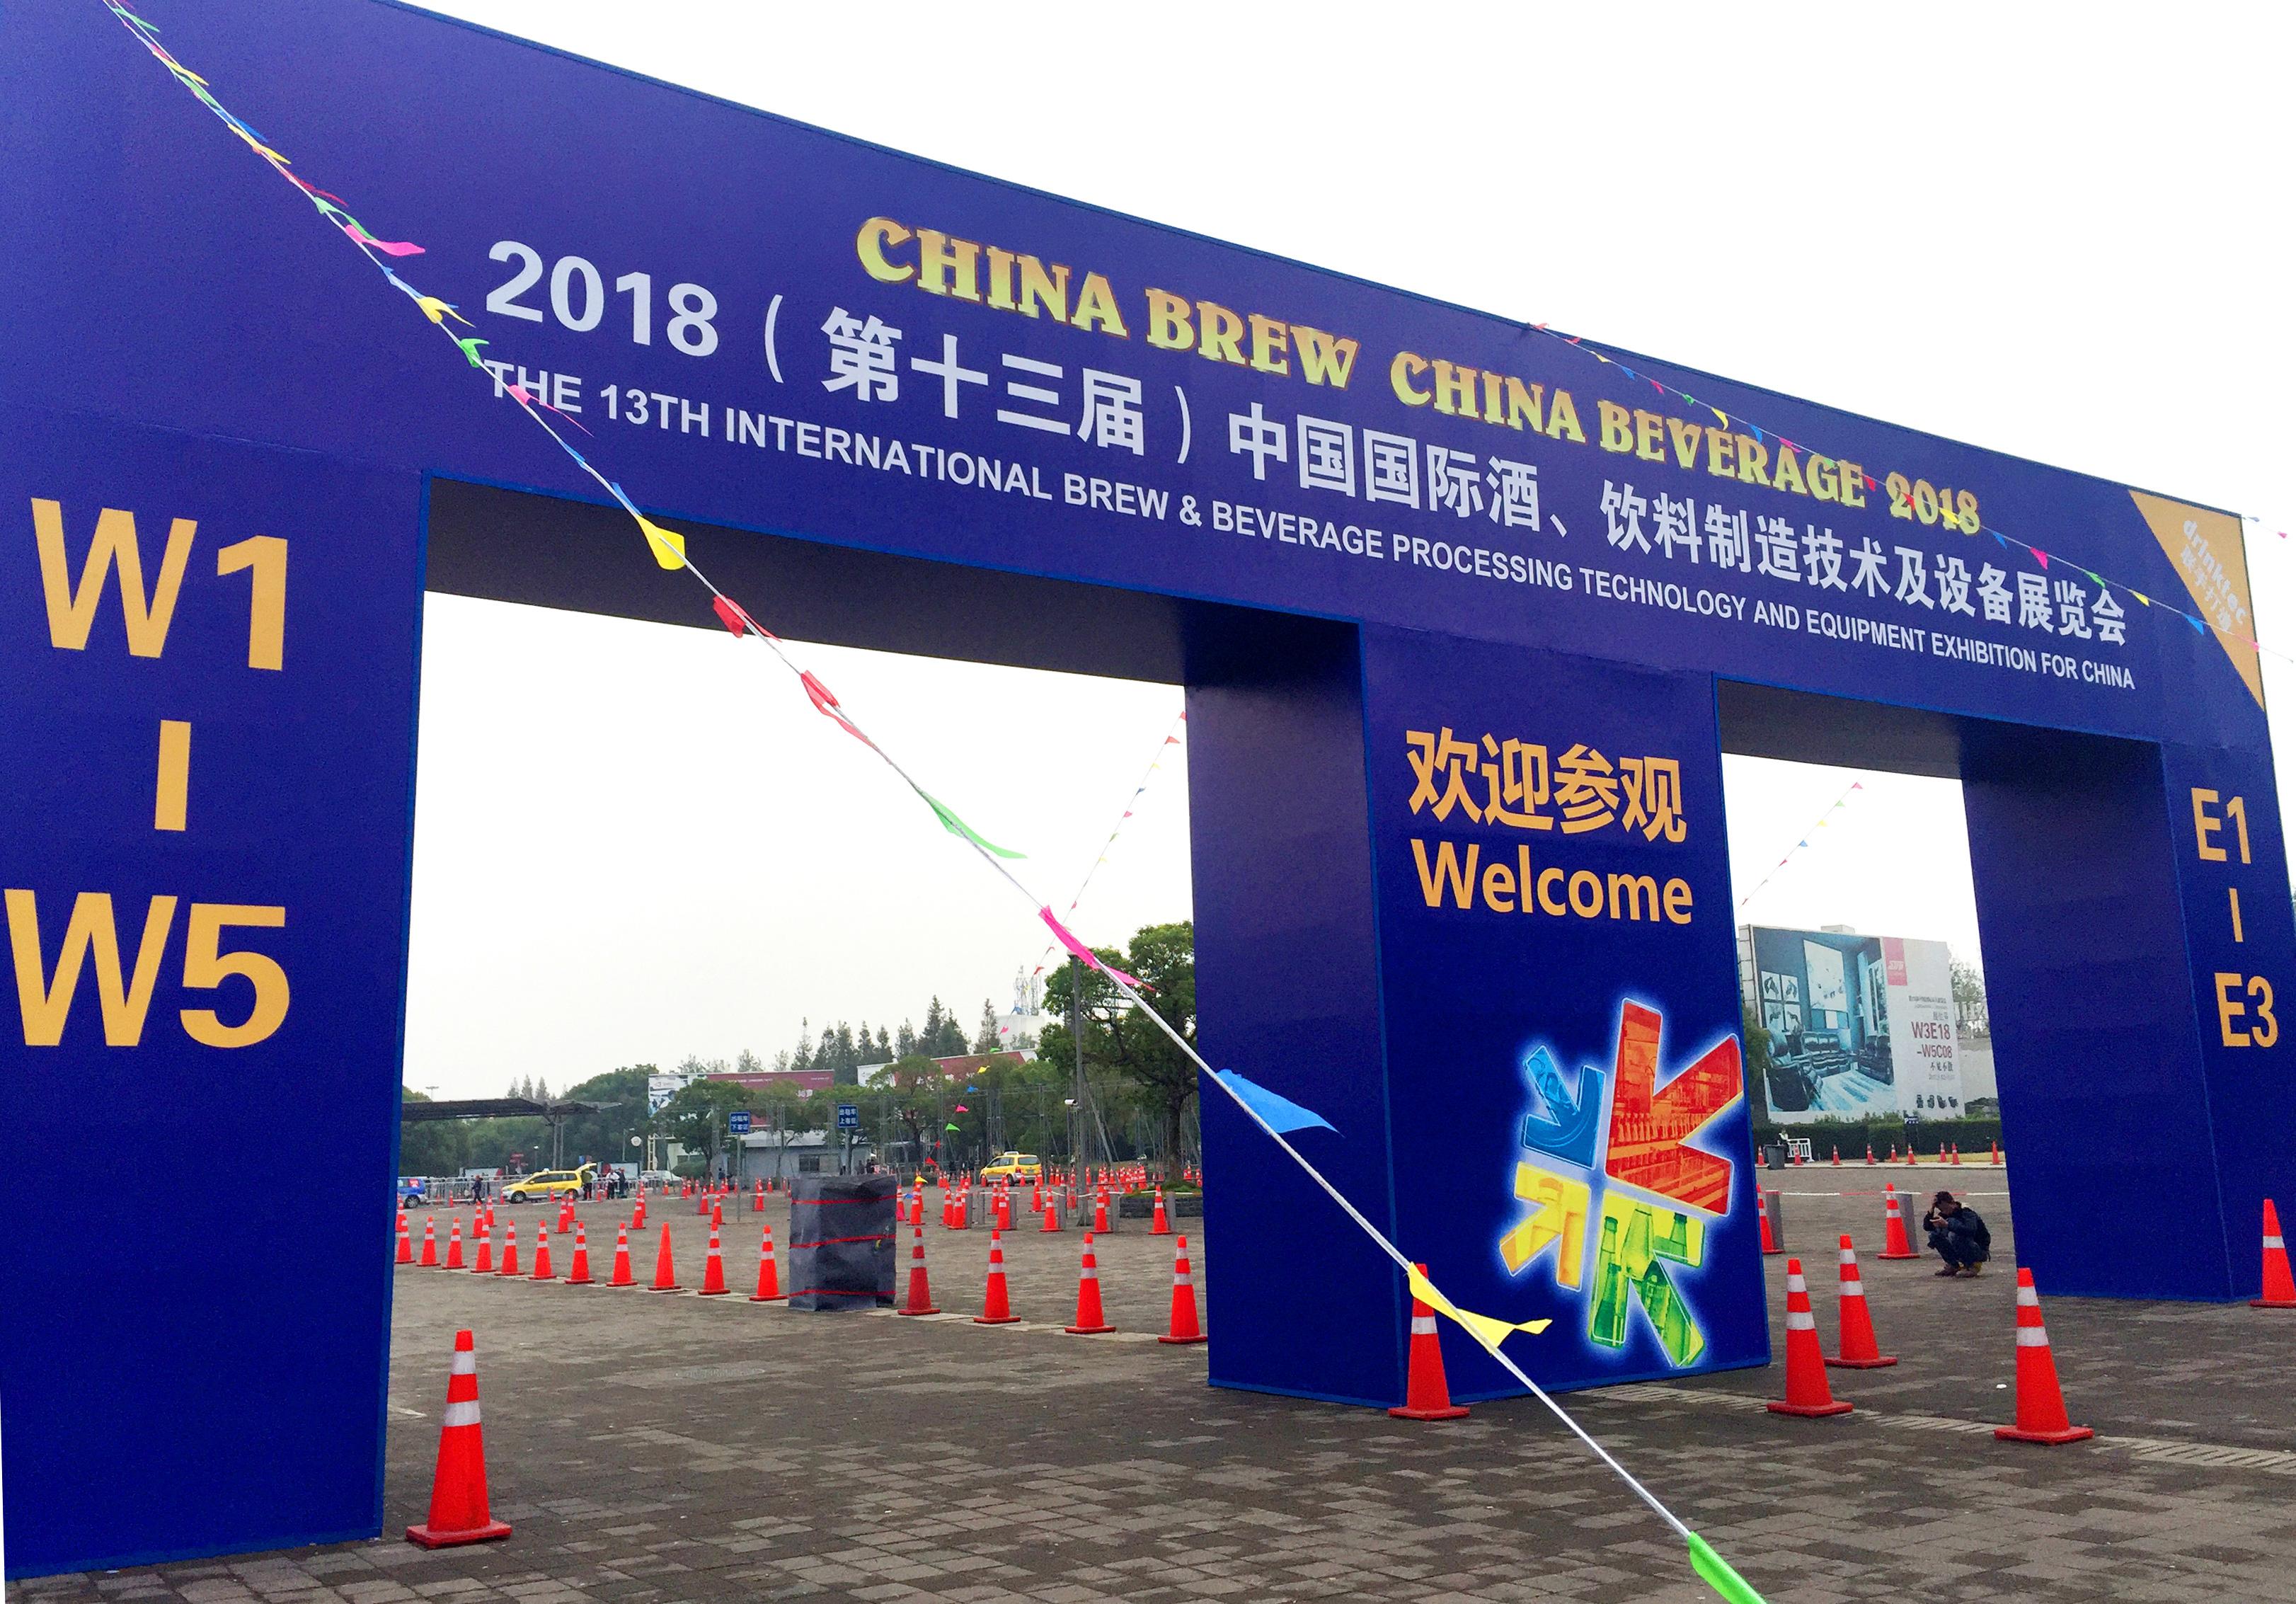 三泉中石闪耀CBB2018国际酒、饮料制造技术及设备展,尽显智能科技魅力